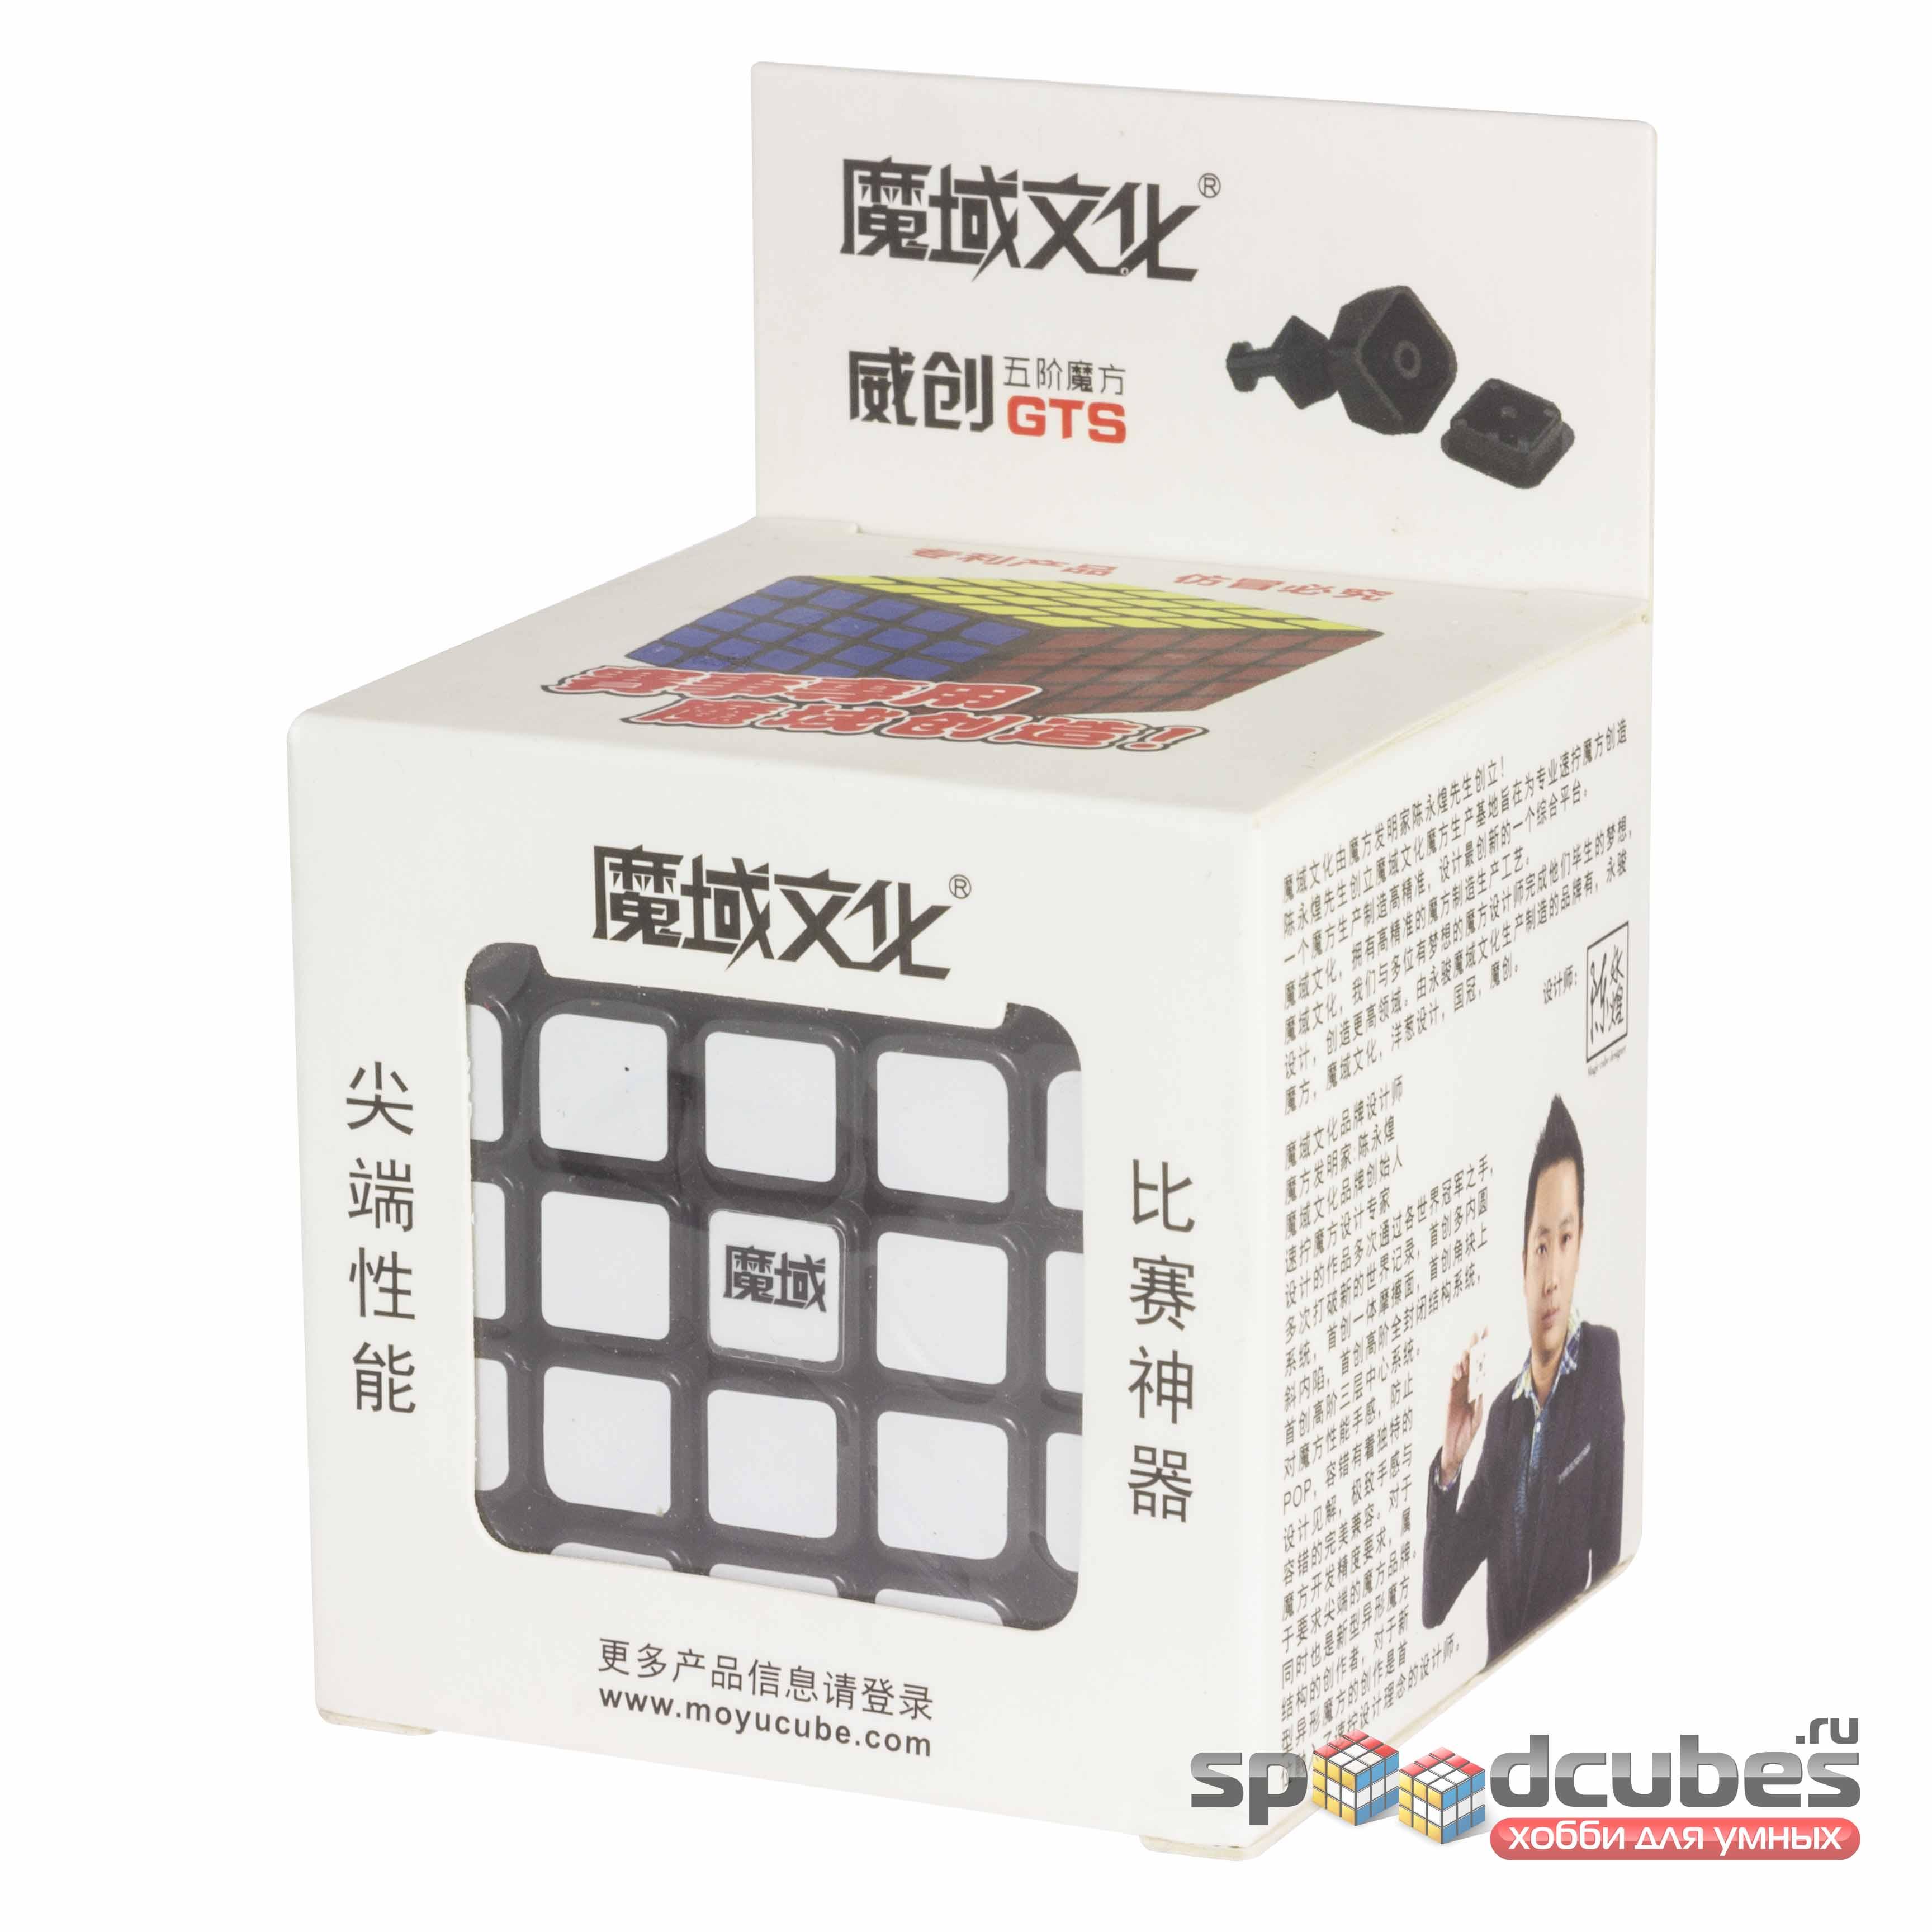 MoYu 5x5x5 Weichuang GTS 1